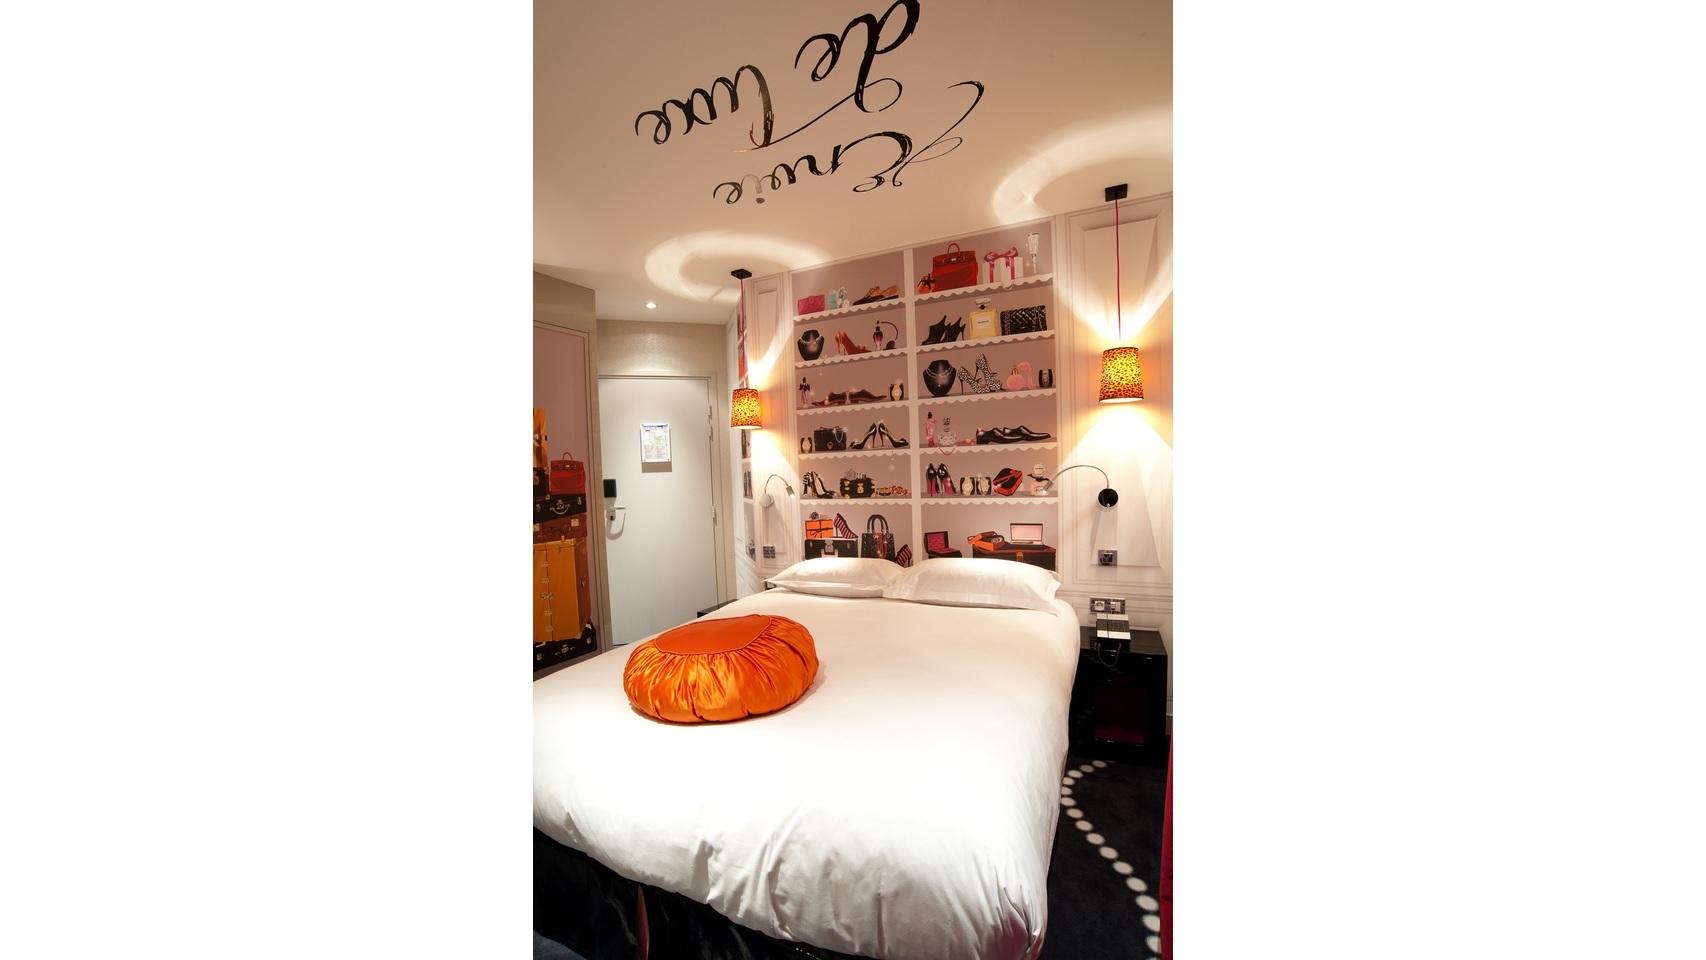 Hotel Vice Versa en París cuya decoración está diseñada por Chantal Thomas.